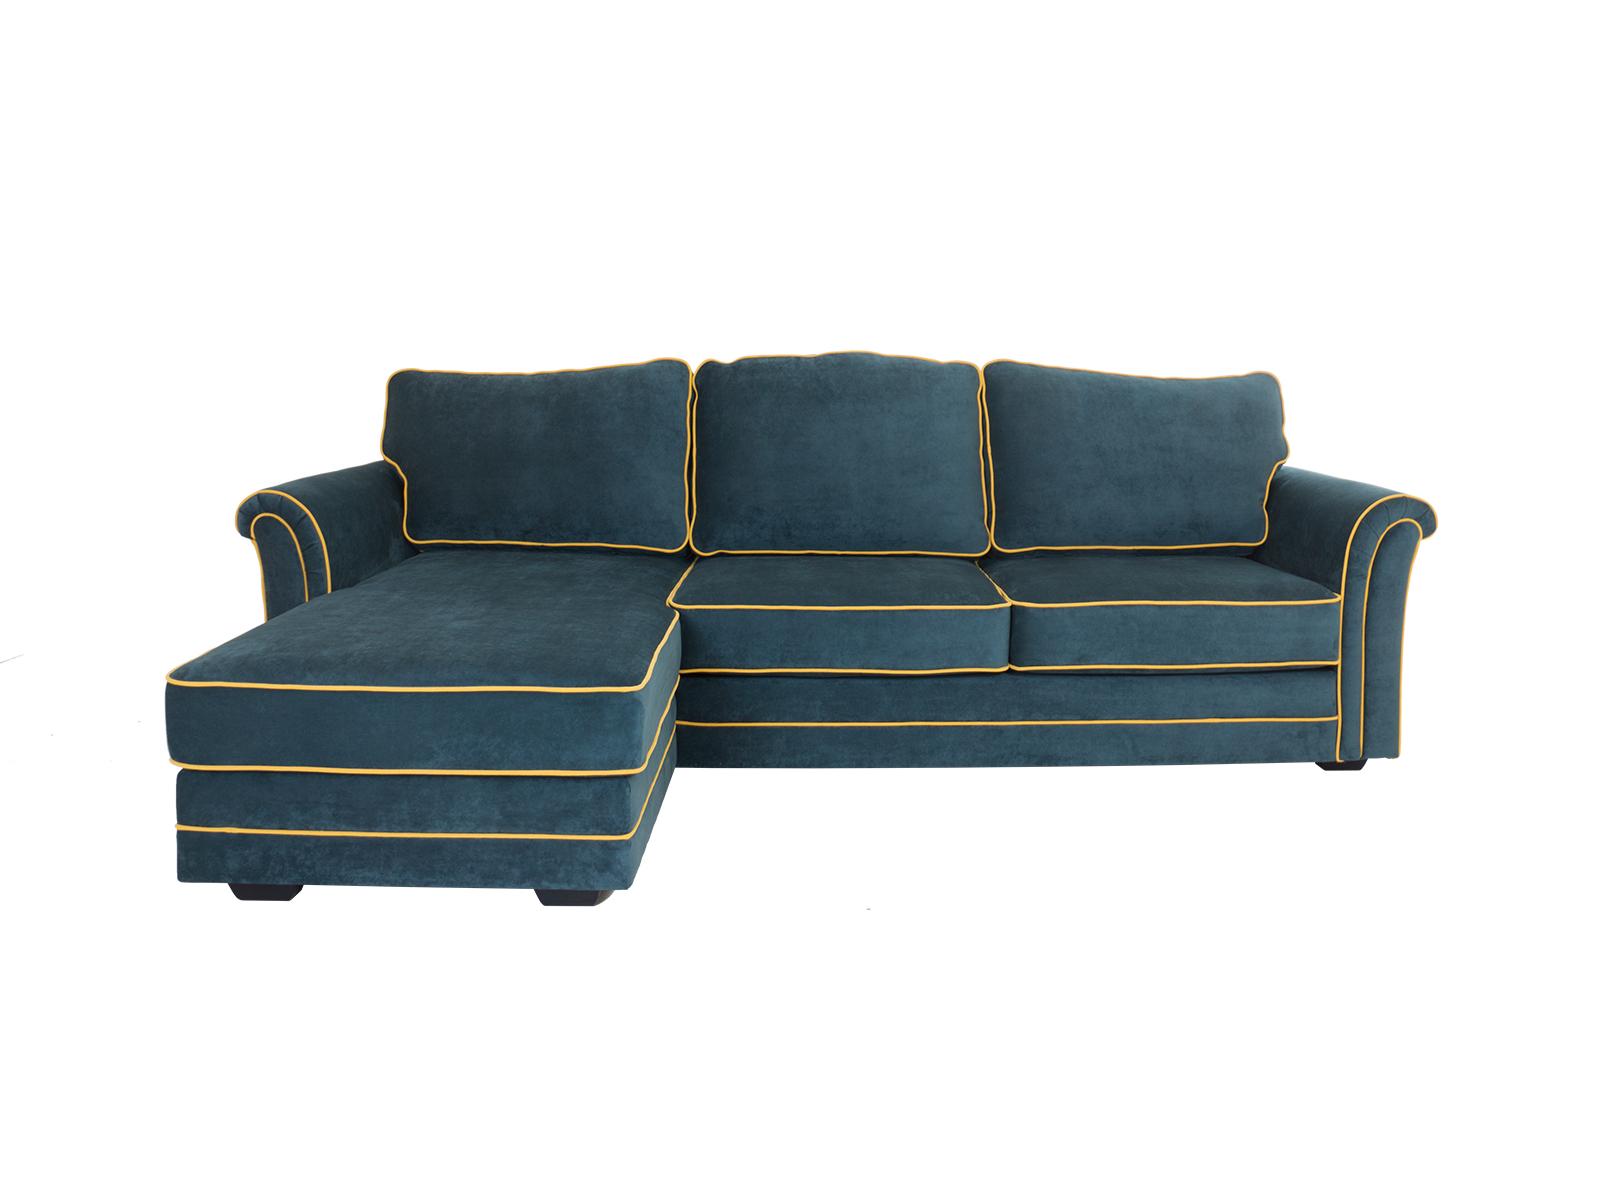 Диван SydУгловые раскладные диваны<br>&amp;lt;div&amp;gt;Угловой диван-кровать с оттоманкой и ёмкостью для хранения. Оттоманка может располагаться как с правой, так и с левой стороны.&amp;amp;nbsp;Лицевые чехлы подушек съёмные.&amp;lt;br&amp;gt;&amp;lt;/div&amp;gt;&amp;lt;div&amp;gt;&amp;lt;br&amp;gt;&amp;lt;/div&amp;gt;&amp;lt;div&amp;gt;Материалы:&amp;lt;/div&amp;gt;&amp;lt;div&amp;gt;Каркас: деревянный брус, фанера.&amp;lt;/div&amp;gt;&amp;lt;div&amp;gt;Подушки спинок: синтетическое волокно «синтепух».&amp;lt;/div&amp;gt;&amp;lt;div&amp;gt;Подушки сидений: пенополиуретан, синтепон, пружинный блок.&amp;lt;/div&amp;gt;&amp;lt;div&amp;gt;Обивка: 100% полиэстер.&amp;lt;/div&amp;gt;&amp;lt;div&amp;gt;Механизм трансформации: Sedaflex.&amp;lt;/div&amp;gt;&amp;lt;div&amp;gt;&amp;lt;br&amp;gt;&amp;lt;/div&amp;gt;&amp;lt;div&amp;gt;&amp;lt;div&amp;gt;Глубина сиденья: 57 cм&amp;lt;/div&amp;gt;&amp;lt;div&amp;gt;Высота сиденья: 48 cм&amp;lt;/div&amp;gt;&amp;lt;/div&amp;gt;&amp;lt;div&amp;gt;Ширина сиденья: 235 cм&amp;lt;br&amp;gt;&amp;lt;/div&amp;gt;&amp;lt;div&amp;gt;Размер спального места 1840х1330 мм.&amp;lt;/div&amp;gt;<br><br>Material: Текстиль<br>Ширина см: 283<br>Высота см: 97<br>Глубина см: 173